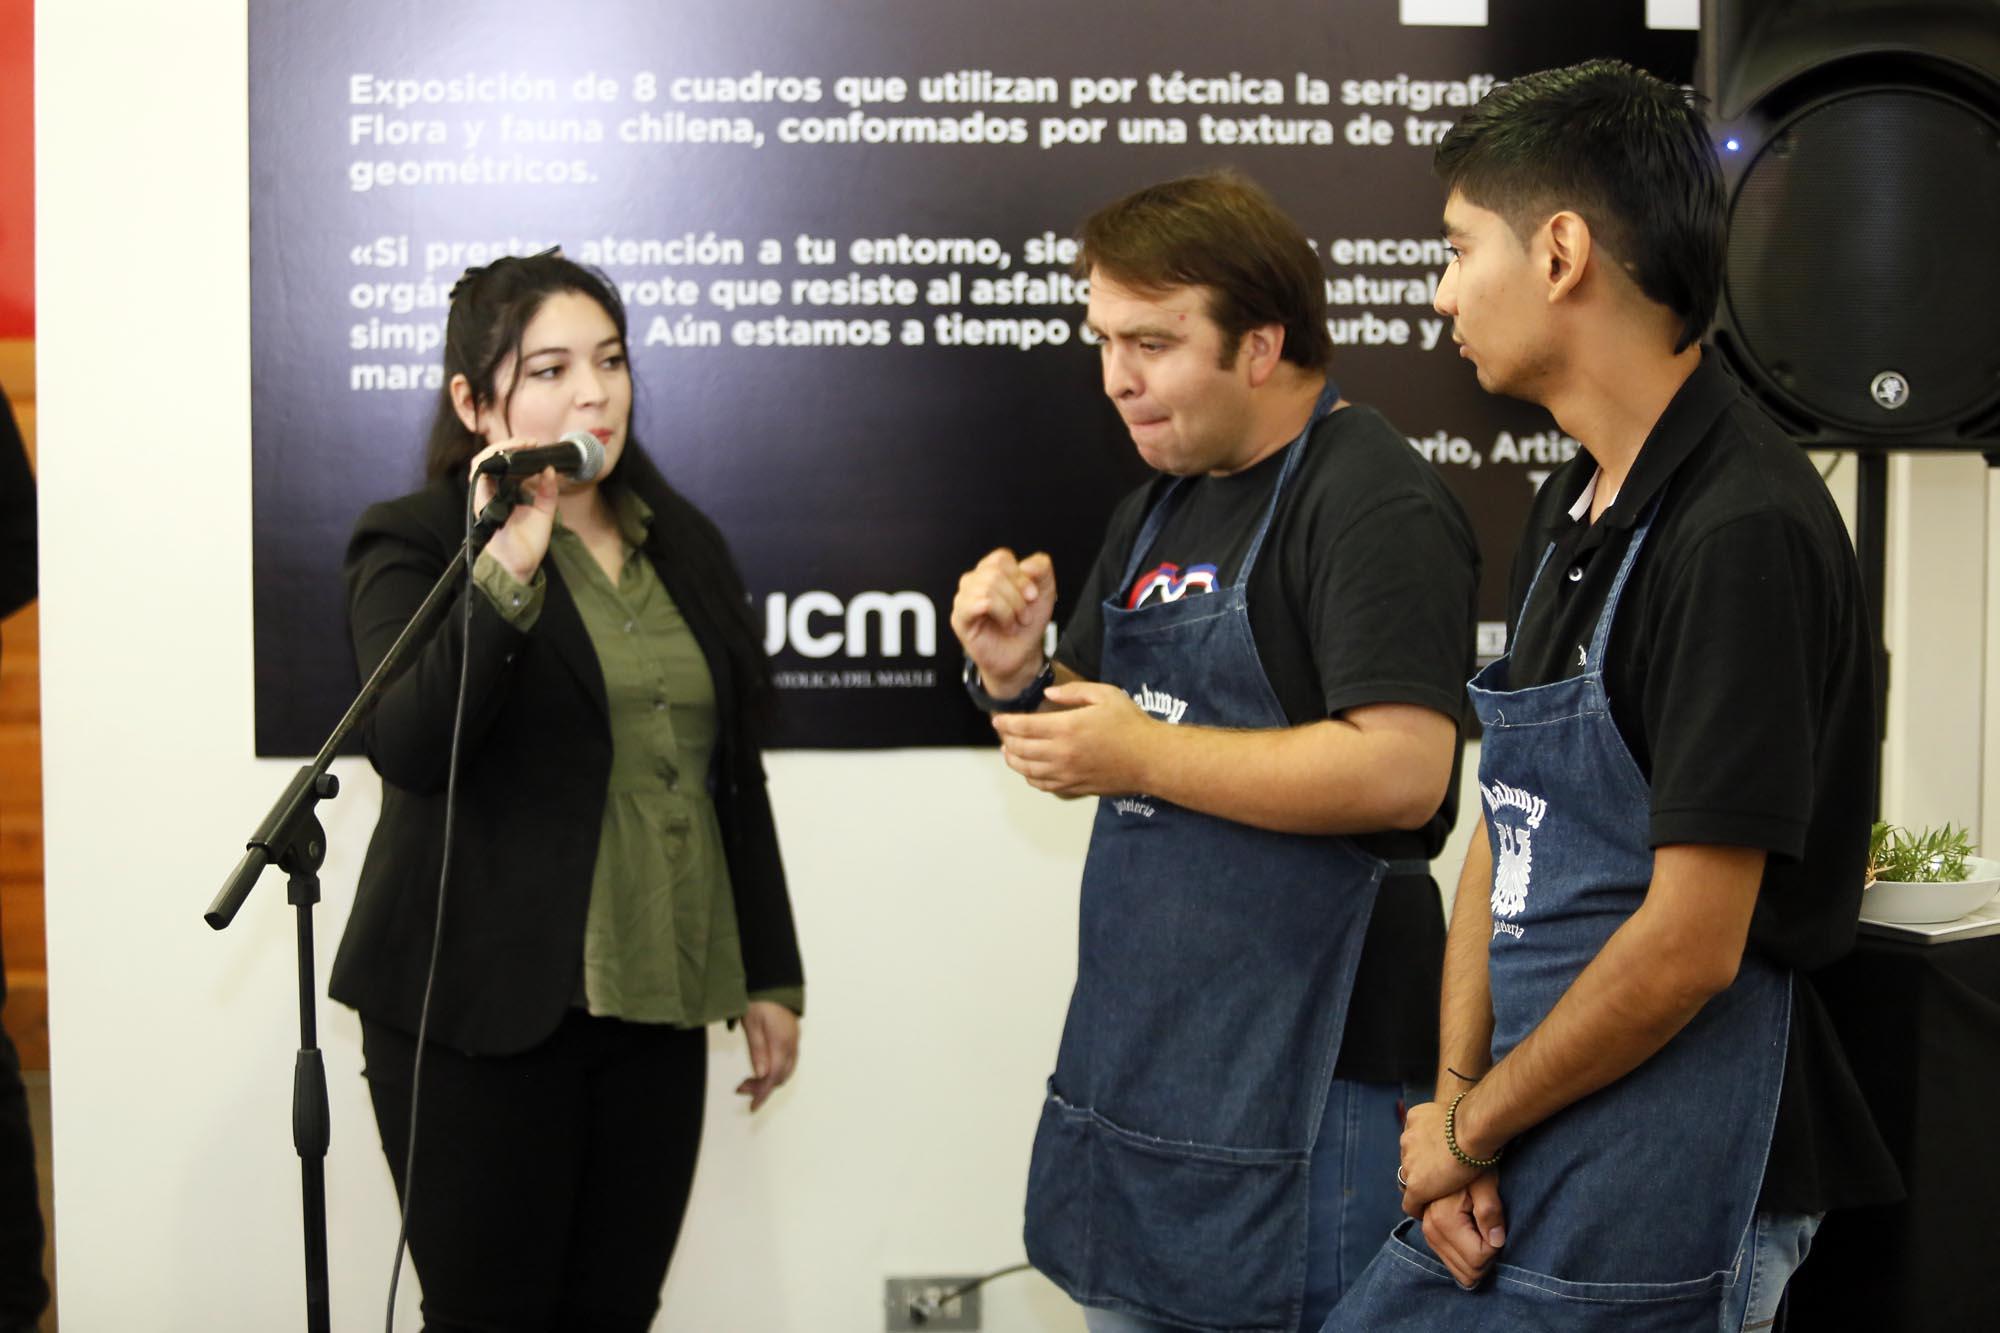 UCM inauguró cafetería inclusiva en su centro de extensión en Talca